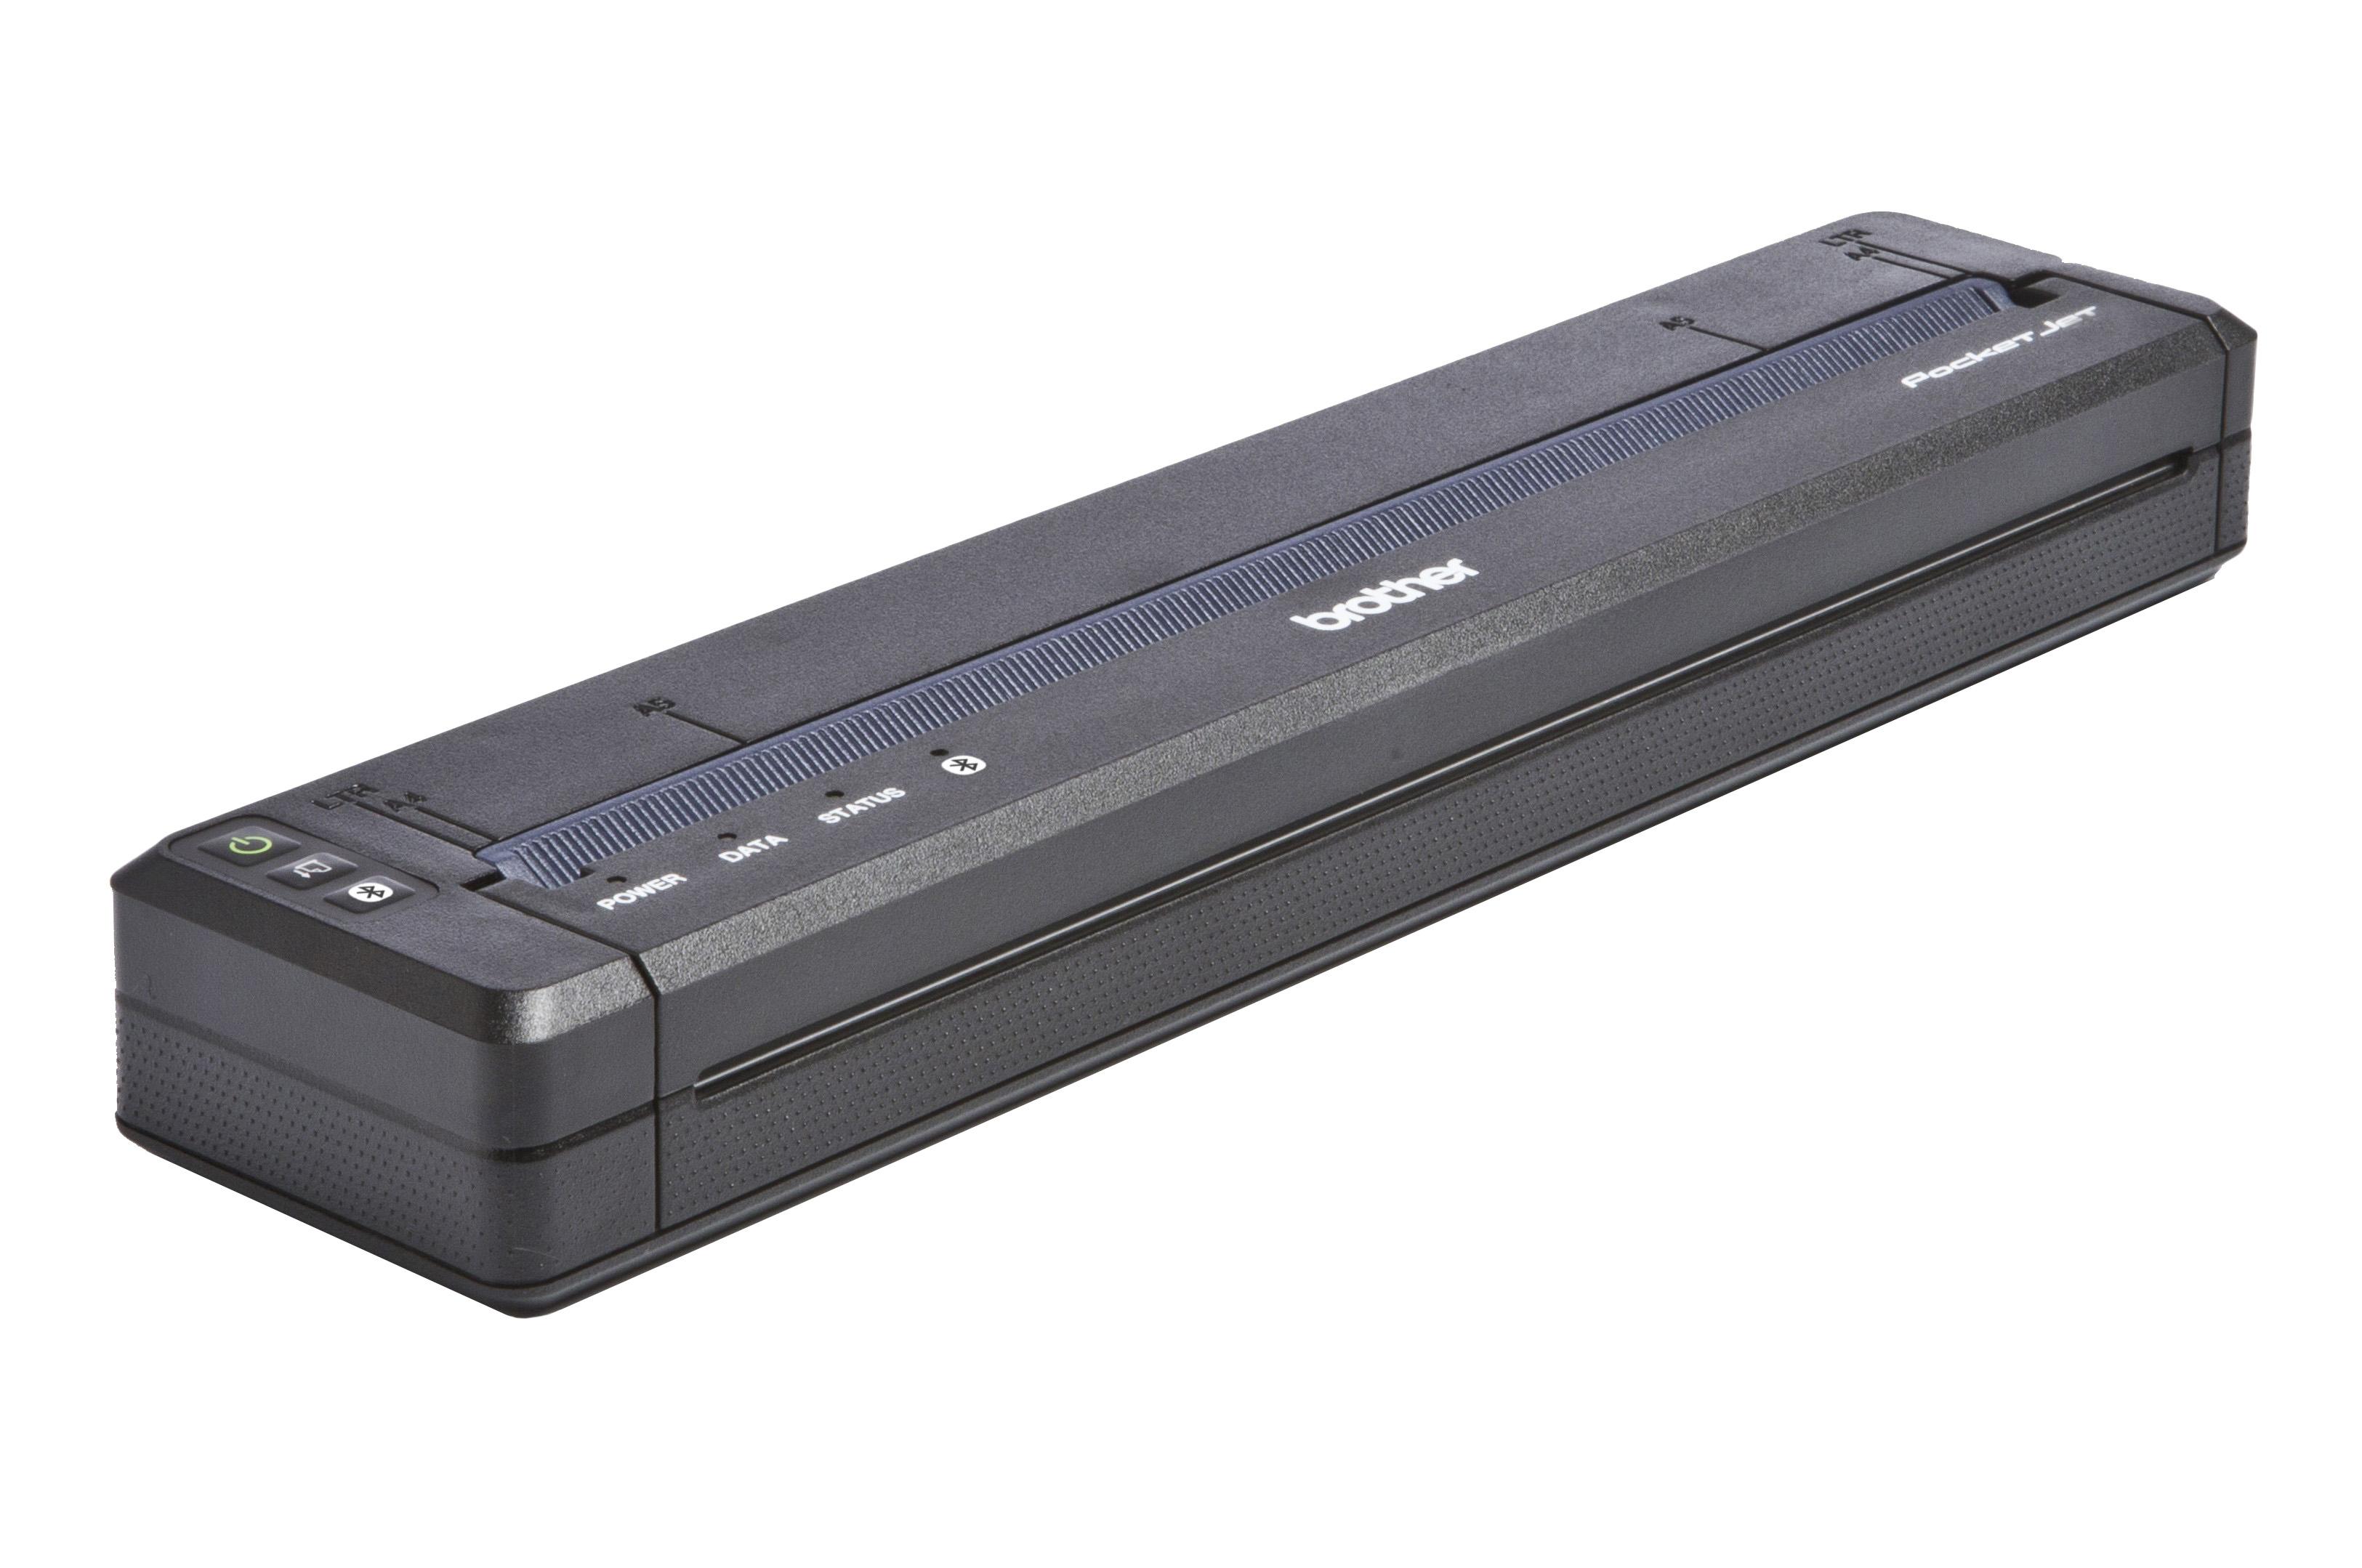 мобильный принтер серии PJ-700